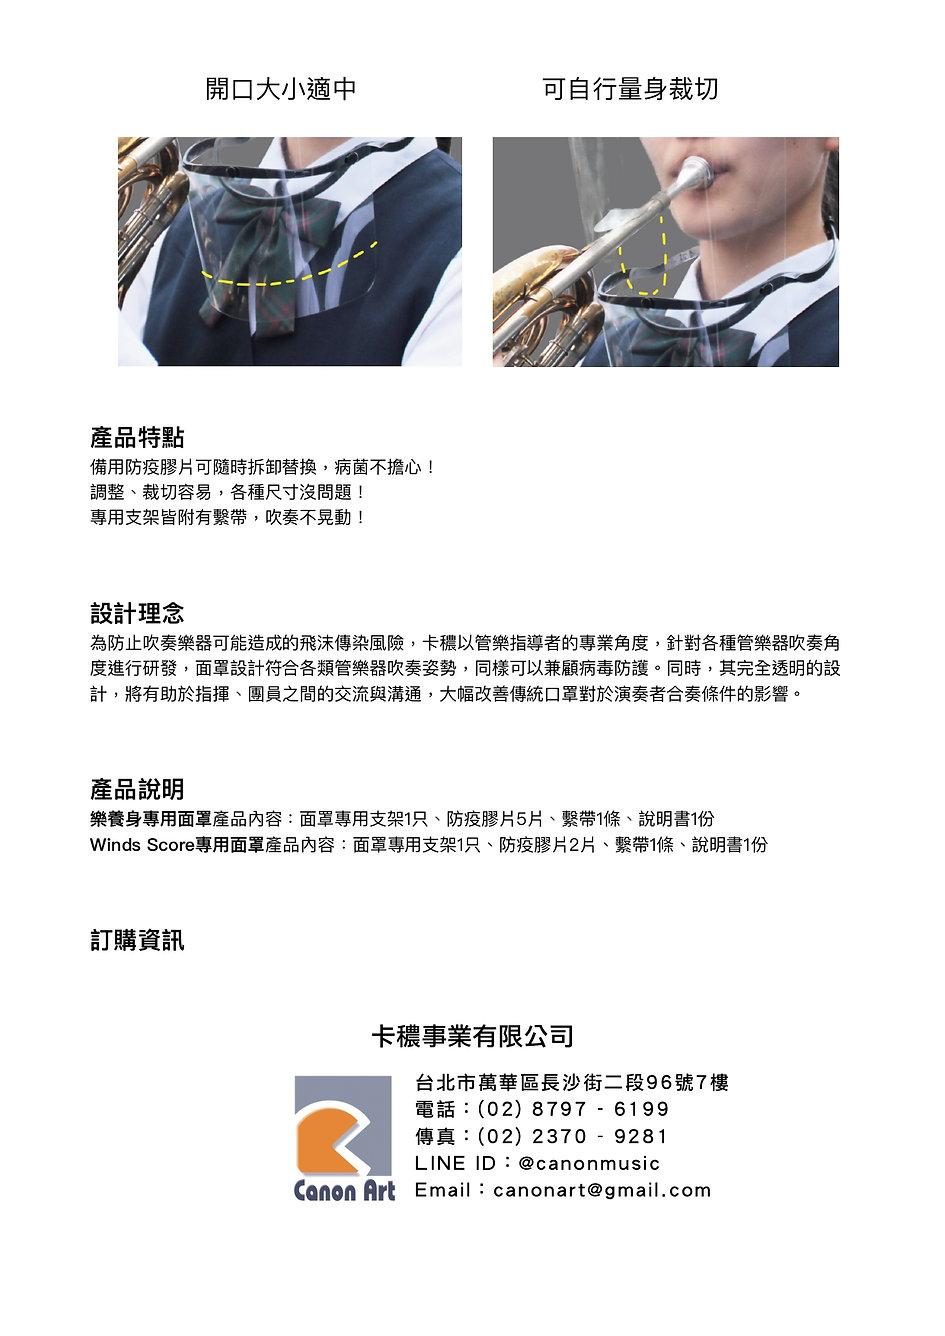 卡穠 - 演奏(唱)專用面罩_page-0006.jpg